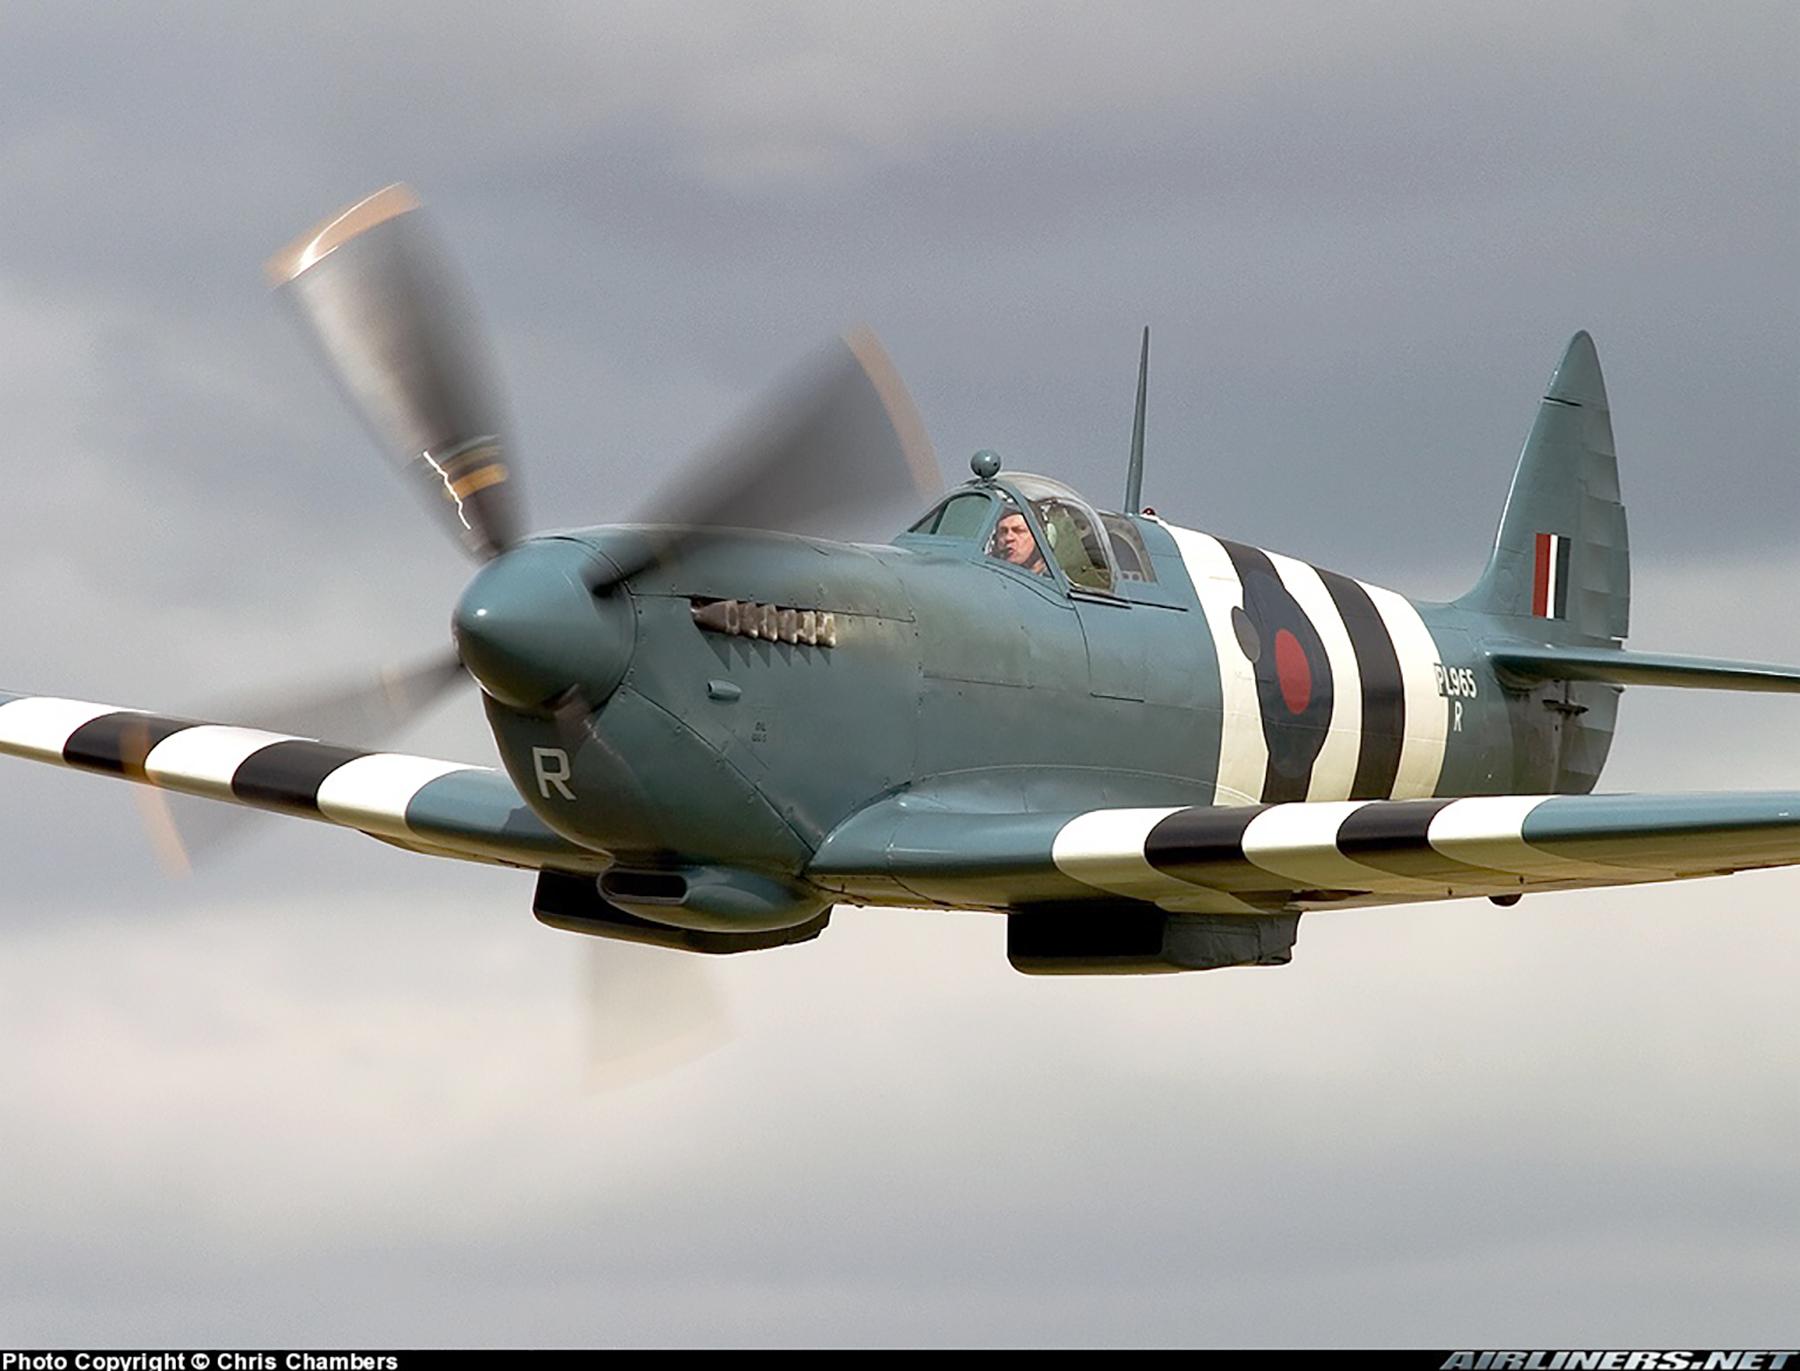 Airworthy Spitfire warbird PRXI RAF 16Sqn R PL965 36